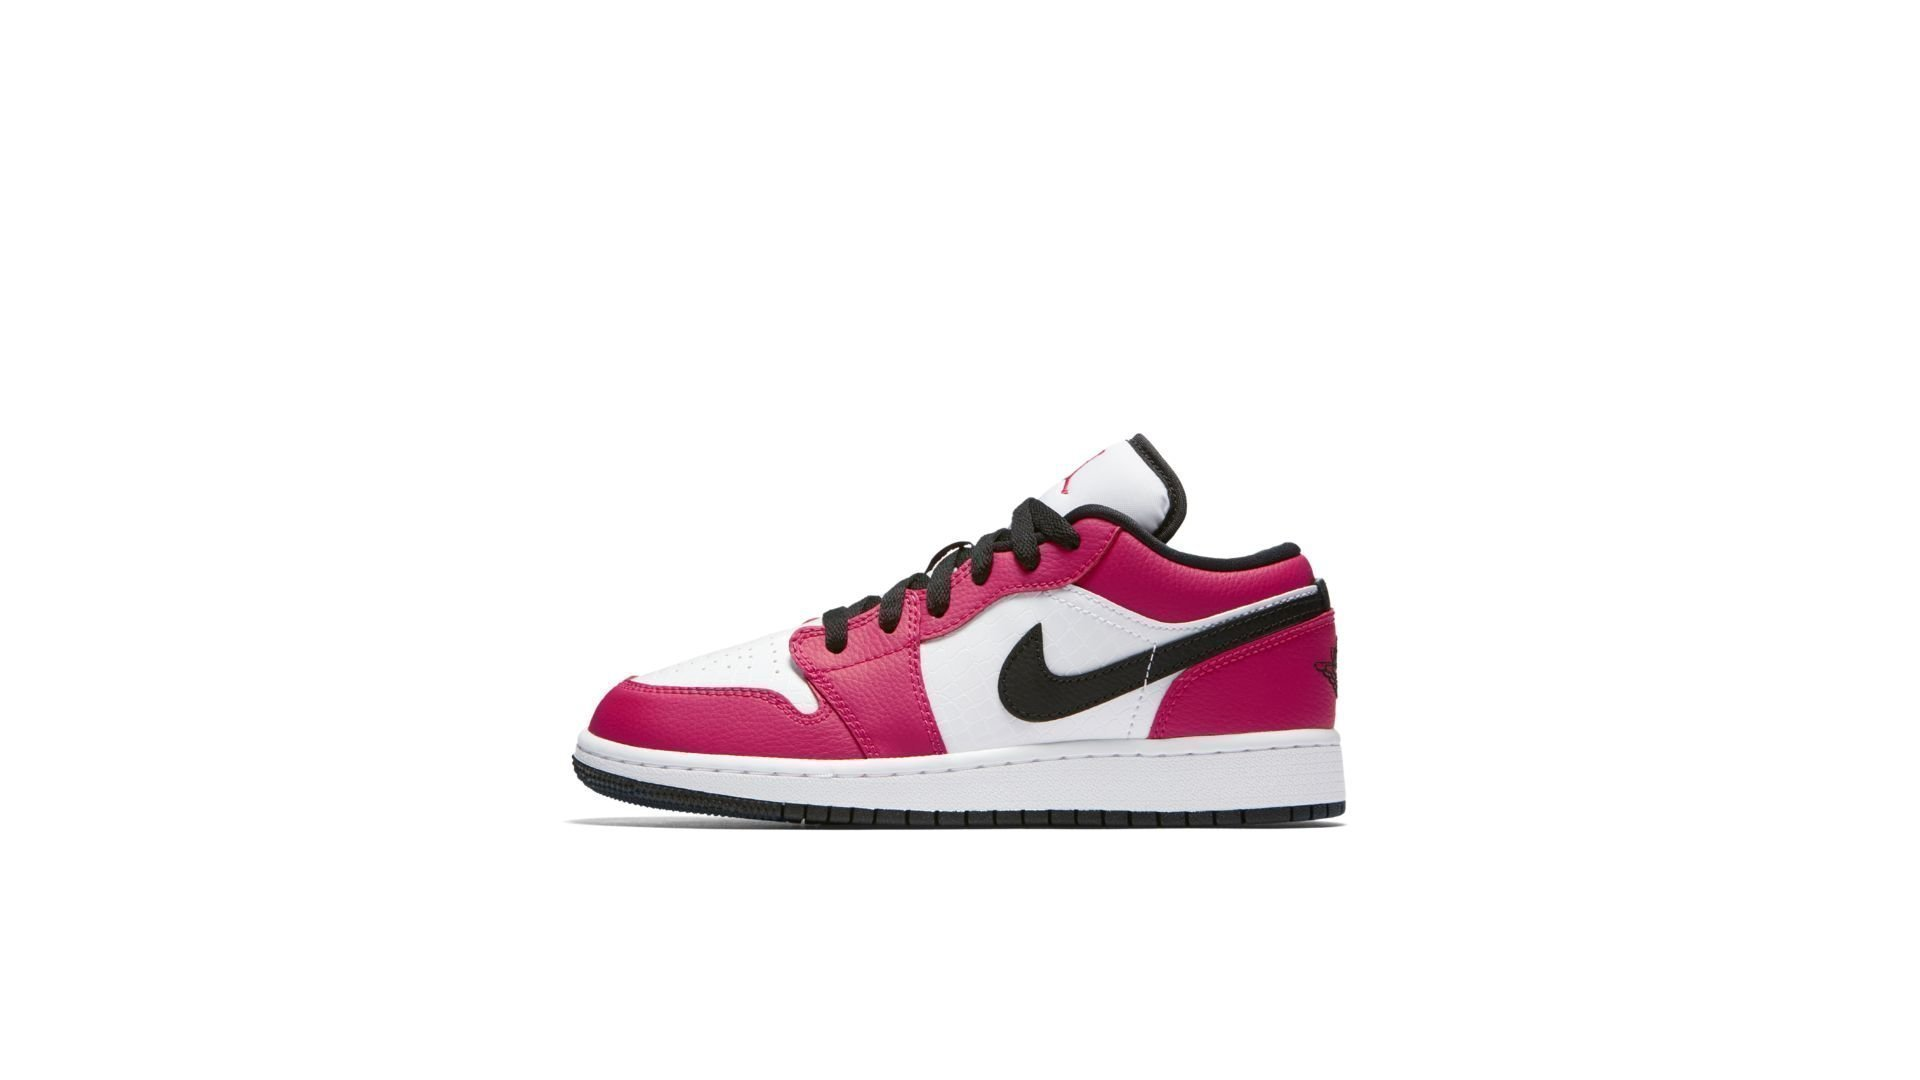 Jordan 1 Low Rush Pink (GS) (554723-600)